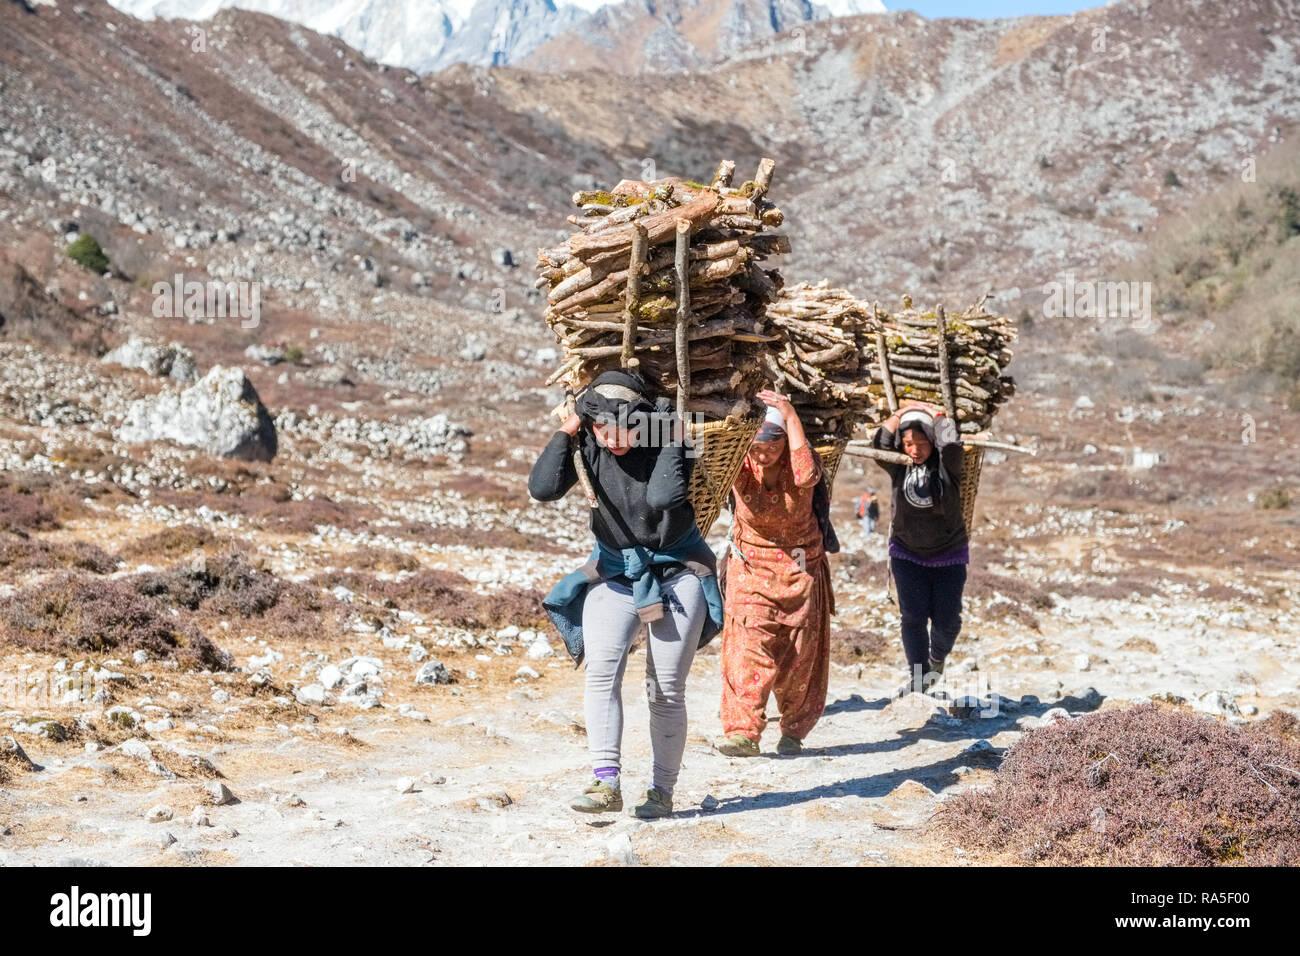 Un gruppo di donne che trasportano carichi pesanti della legna da ardere in Nepal Himalaya Immagini Stock